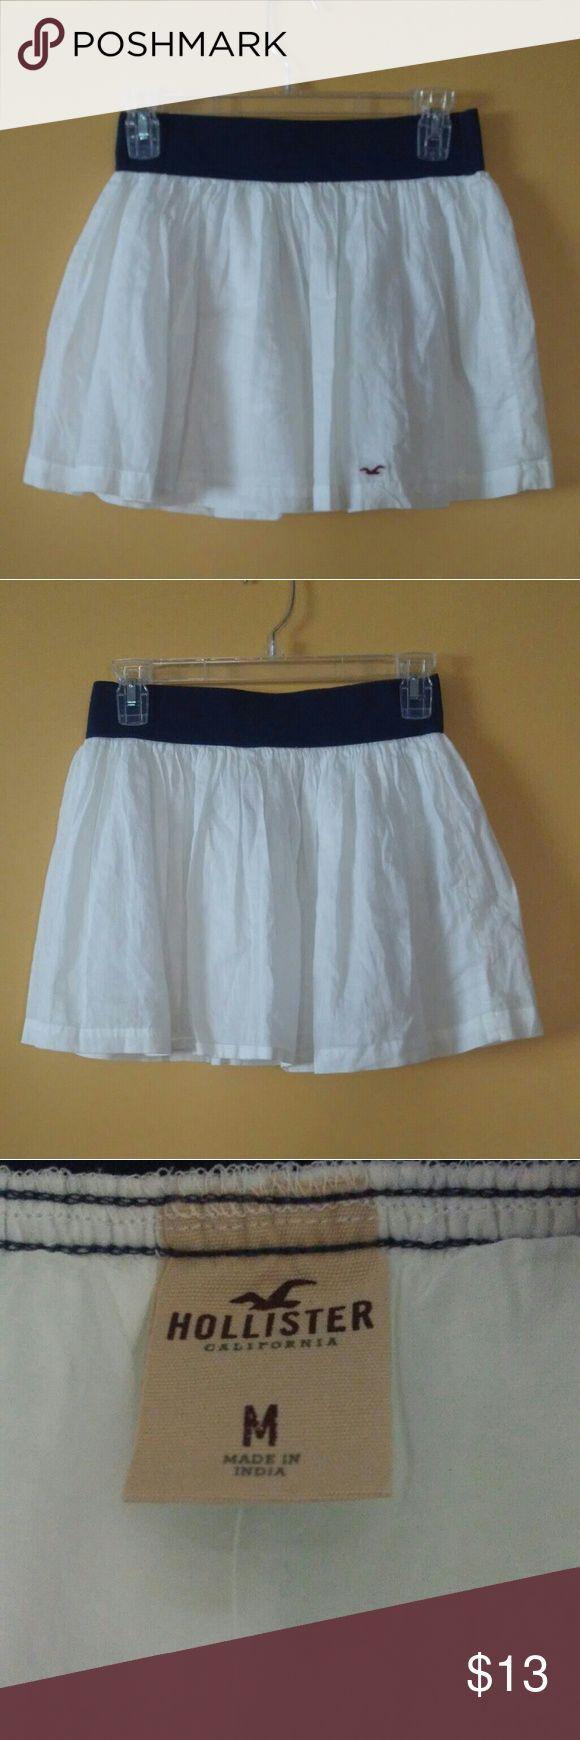 HOLLISTER skirt HOLLISTER skirt. Great  lightweight and adorable skirt. Hollister Skirts Mini